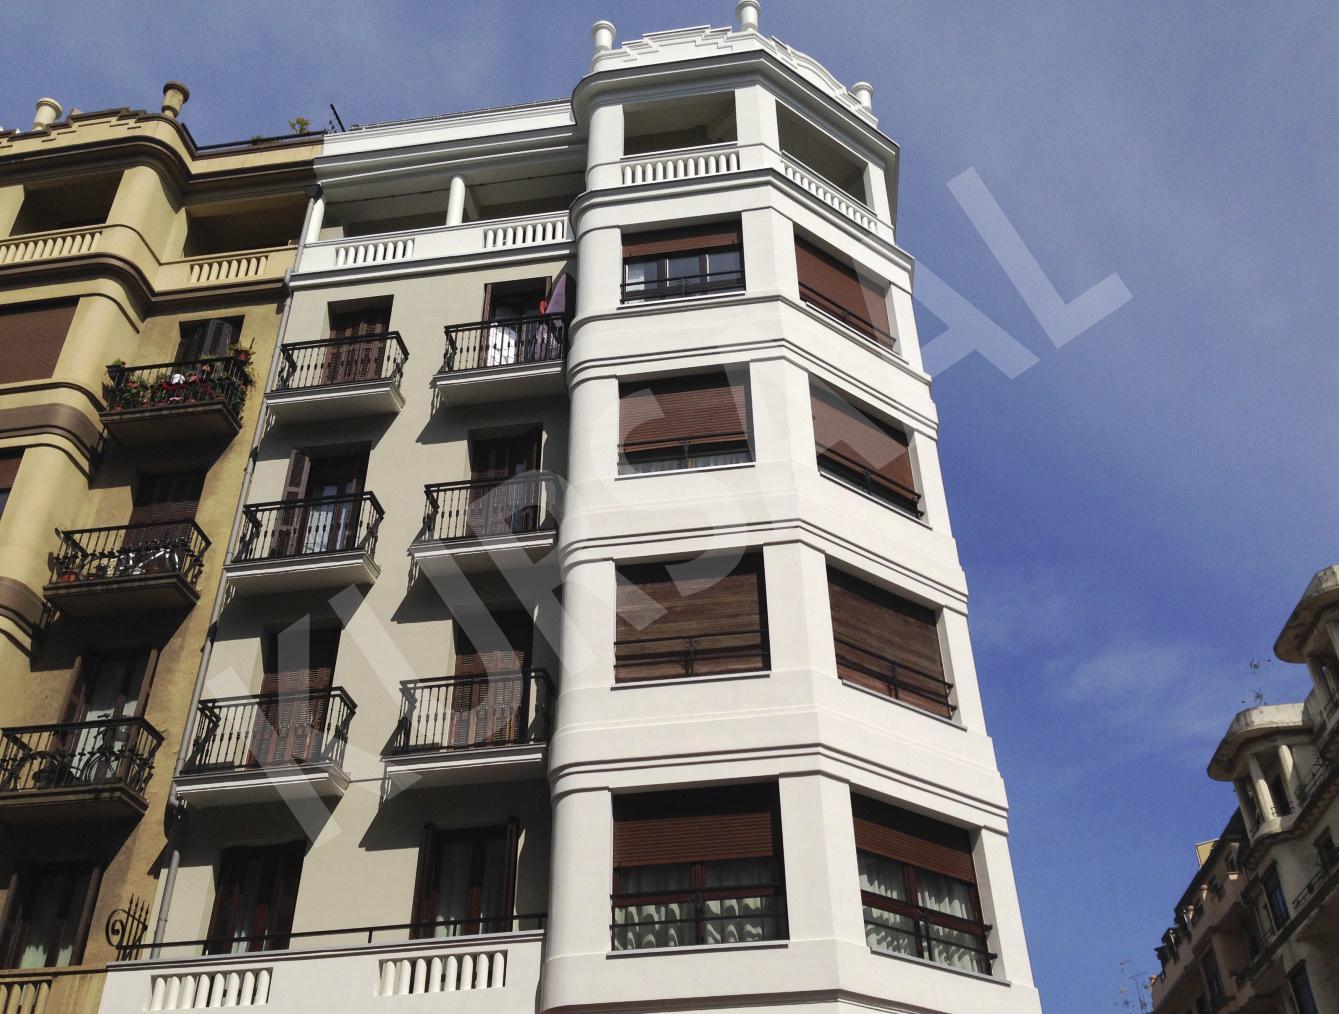 foto 6 - Aislamientos Térmicos y Eficiencia Energética-Gran Vía 16-Donostia